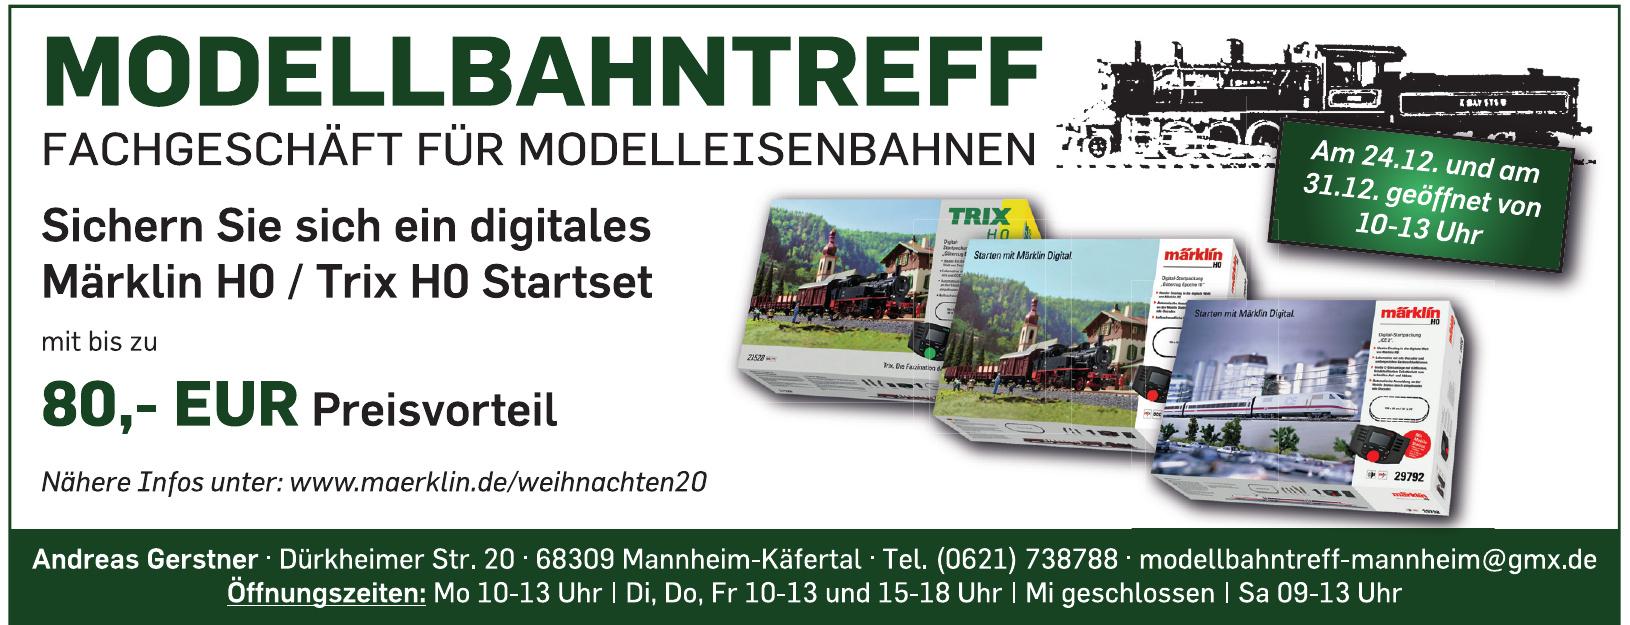 Modellbahntreff Andreas Gerstner